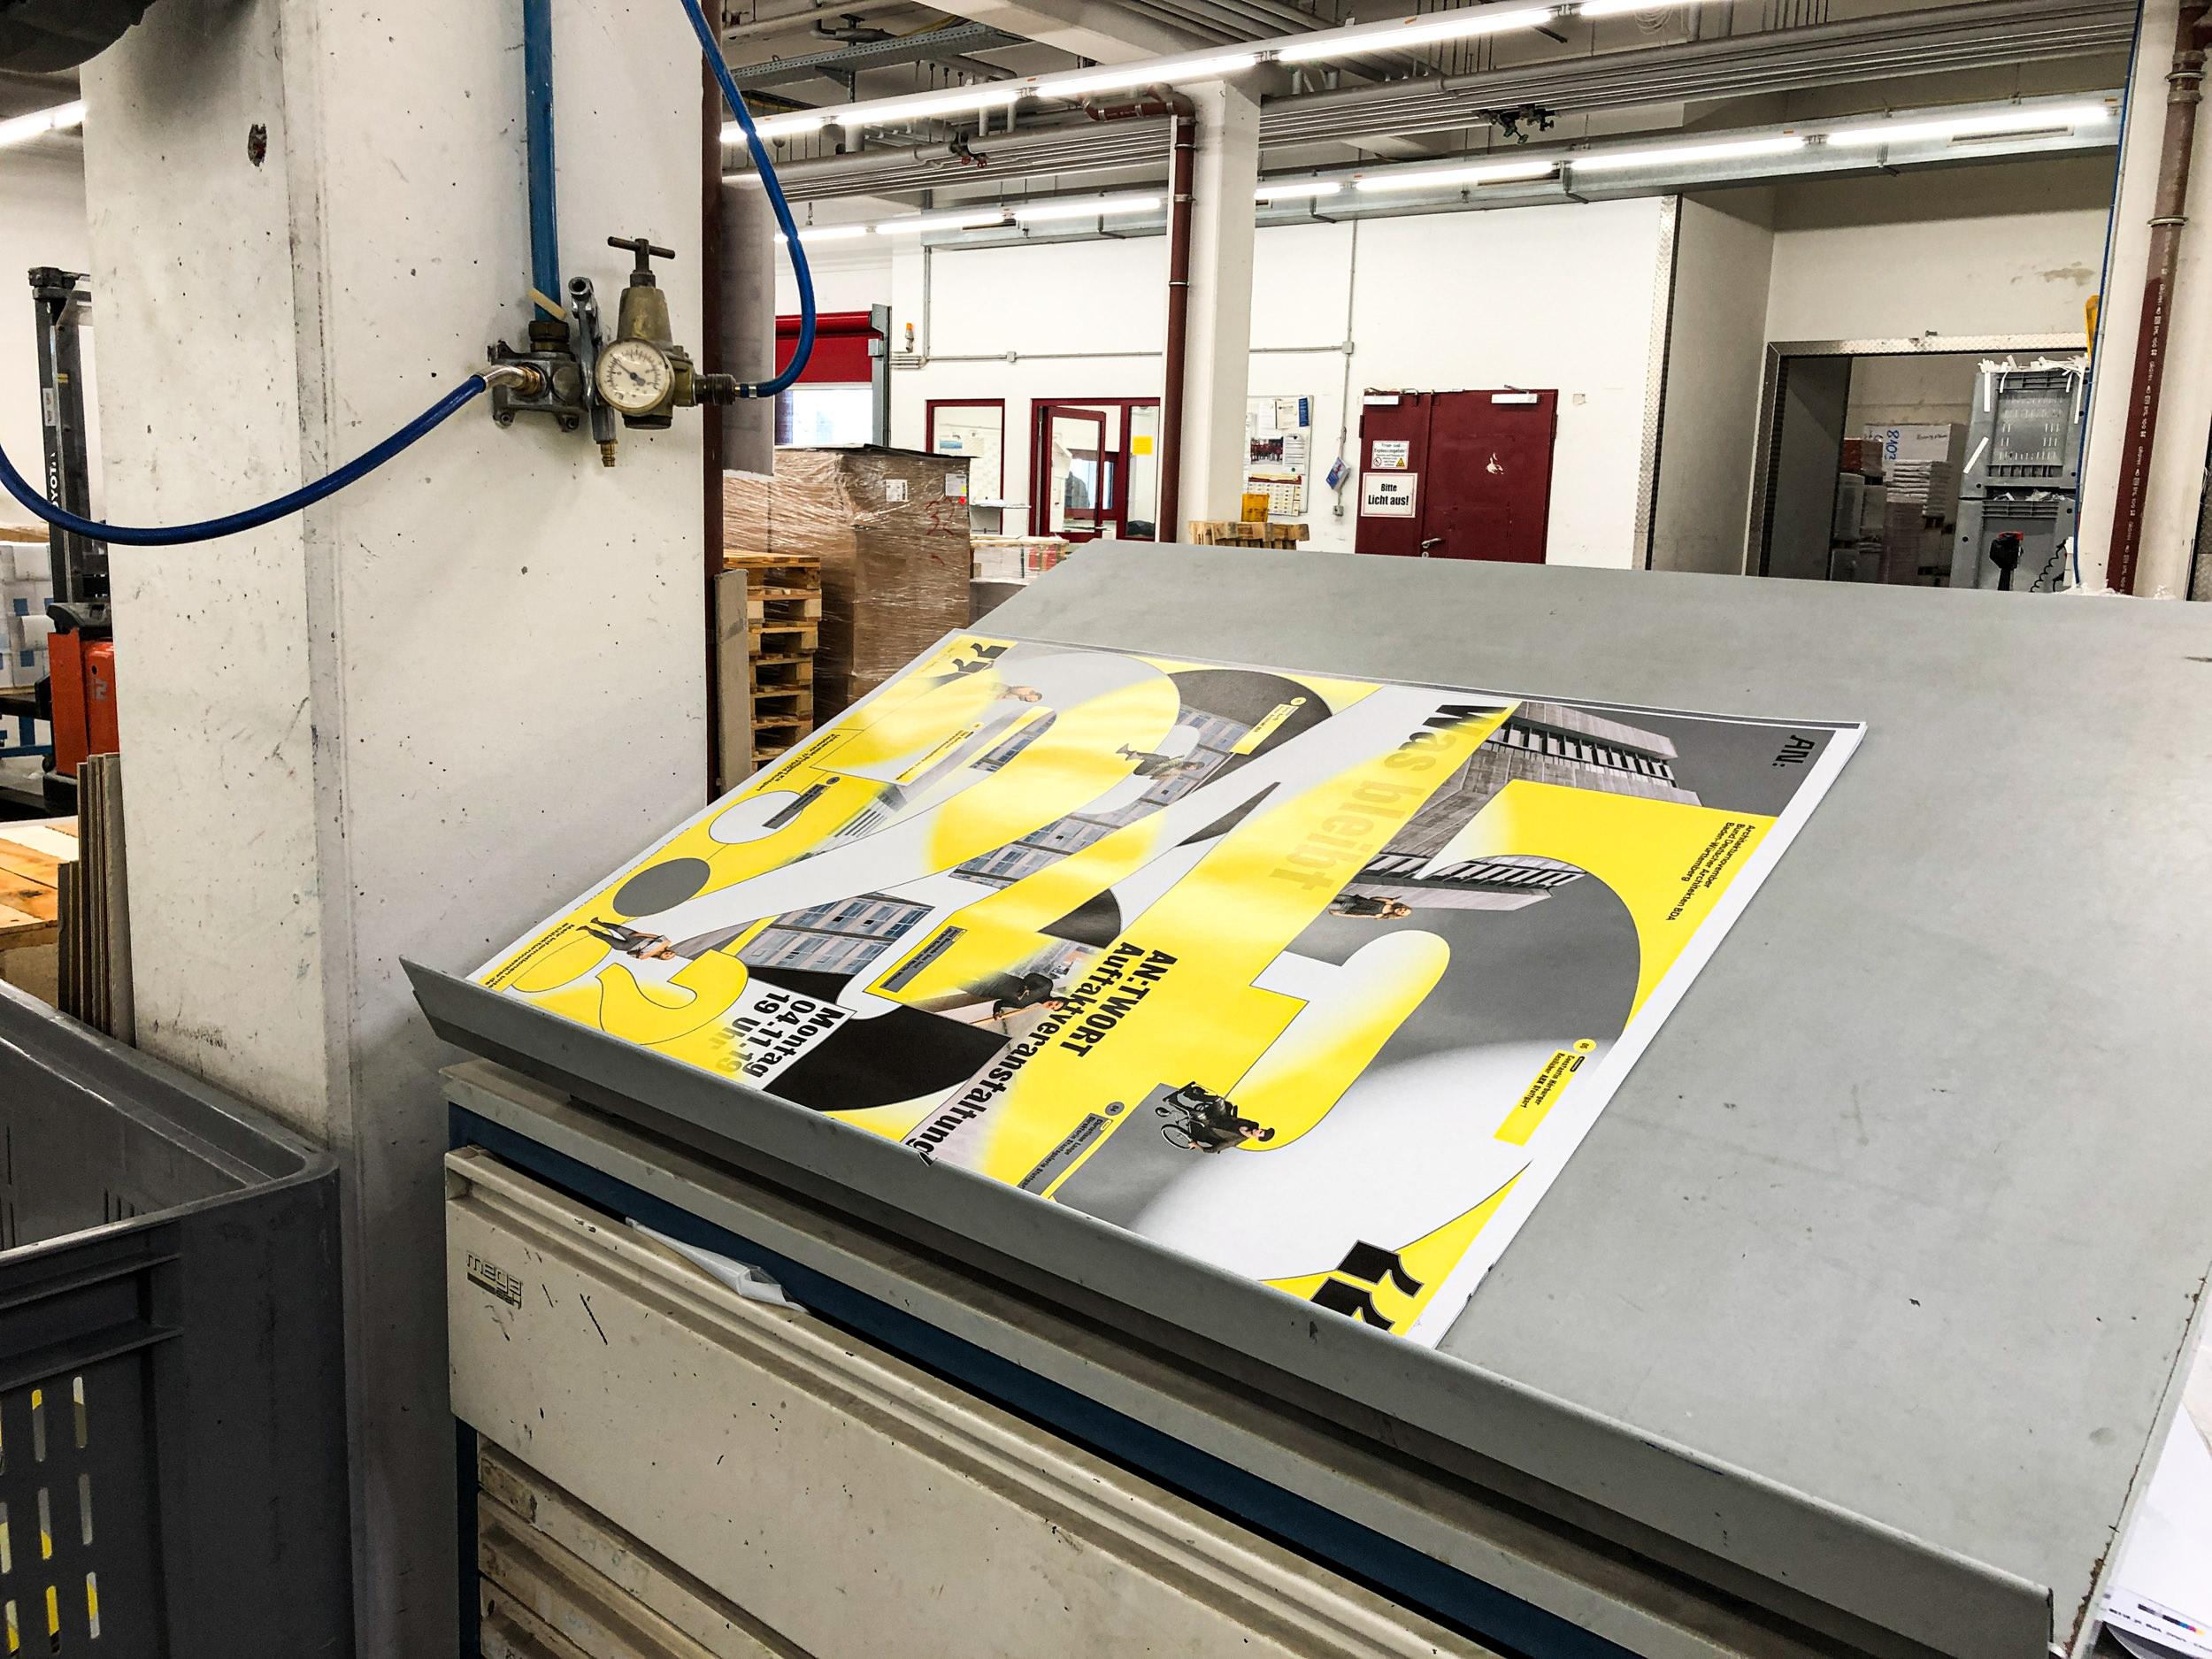 Impressionen bei der Druckabnahme des Plakates: Zusätzlich zu den vier Farben wurde Silber als Sonderfarbe gewählt.